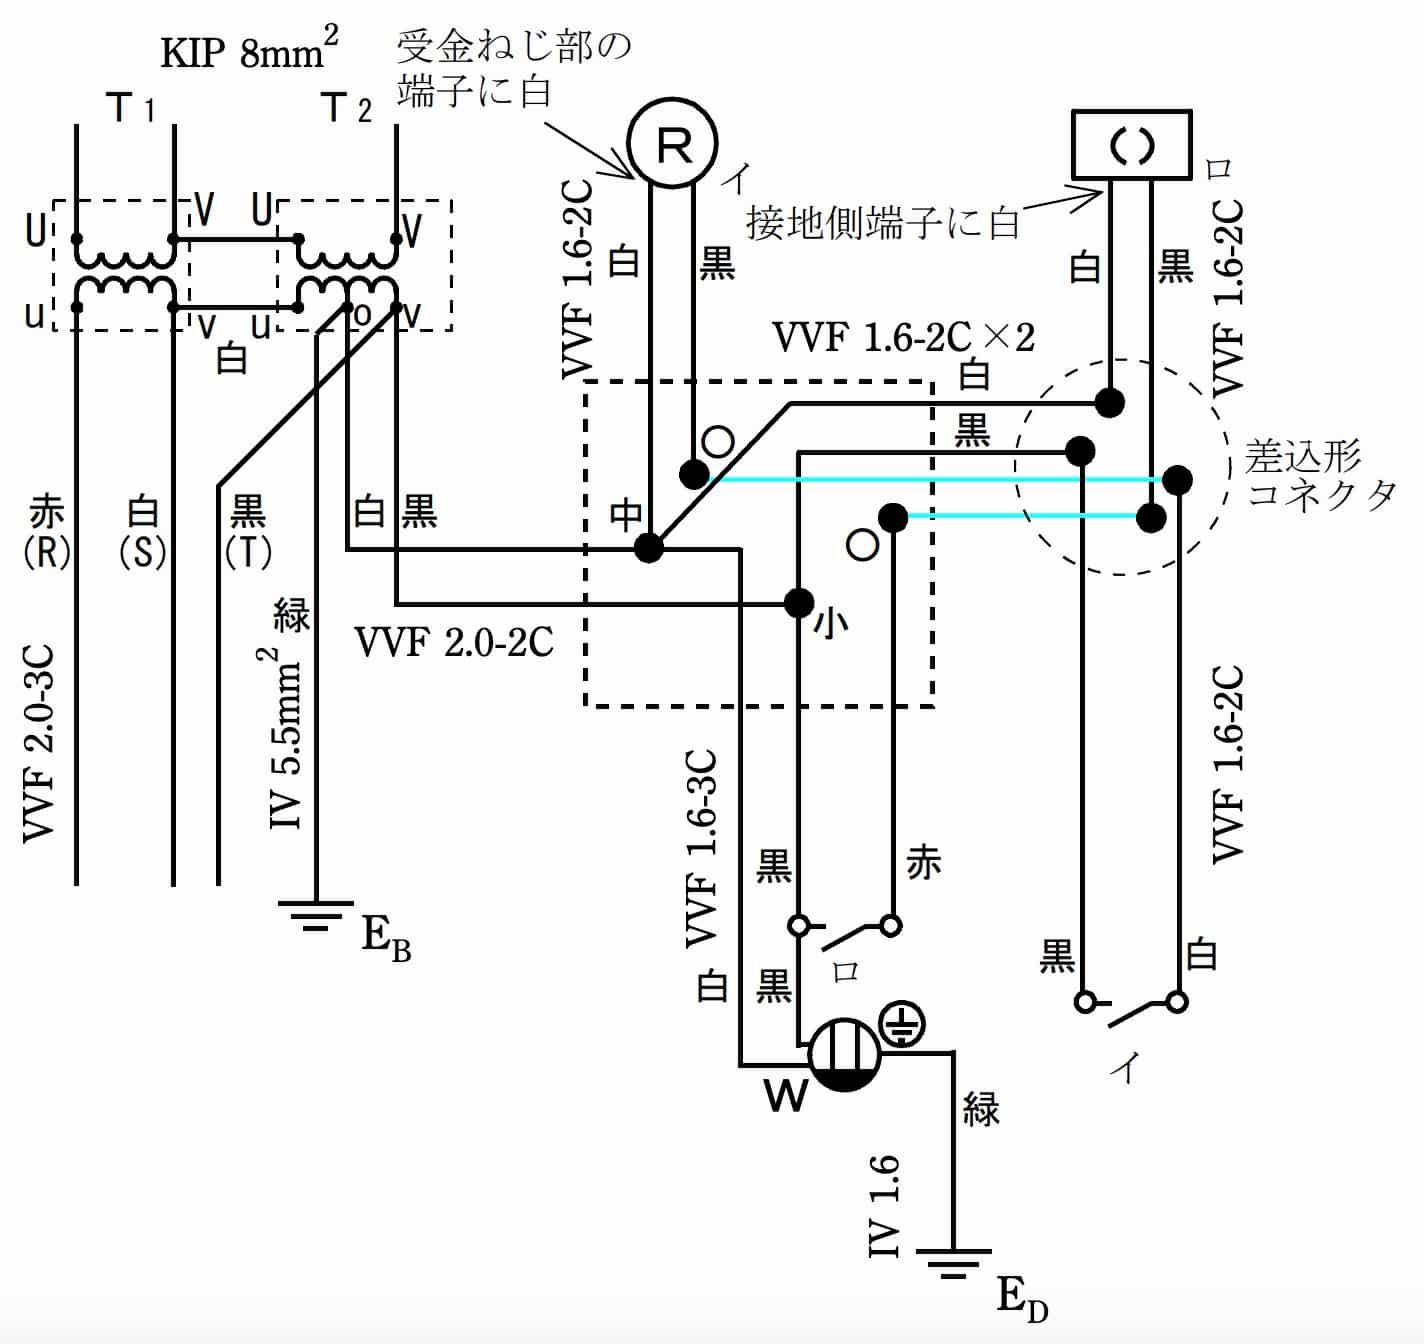 第一種電気工事士の技能試験の試験問題No.3の複線図